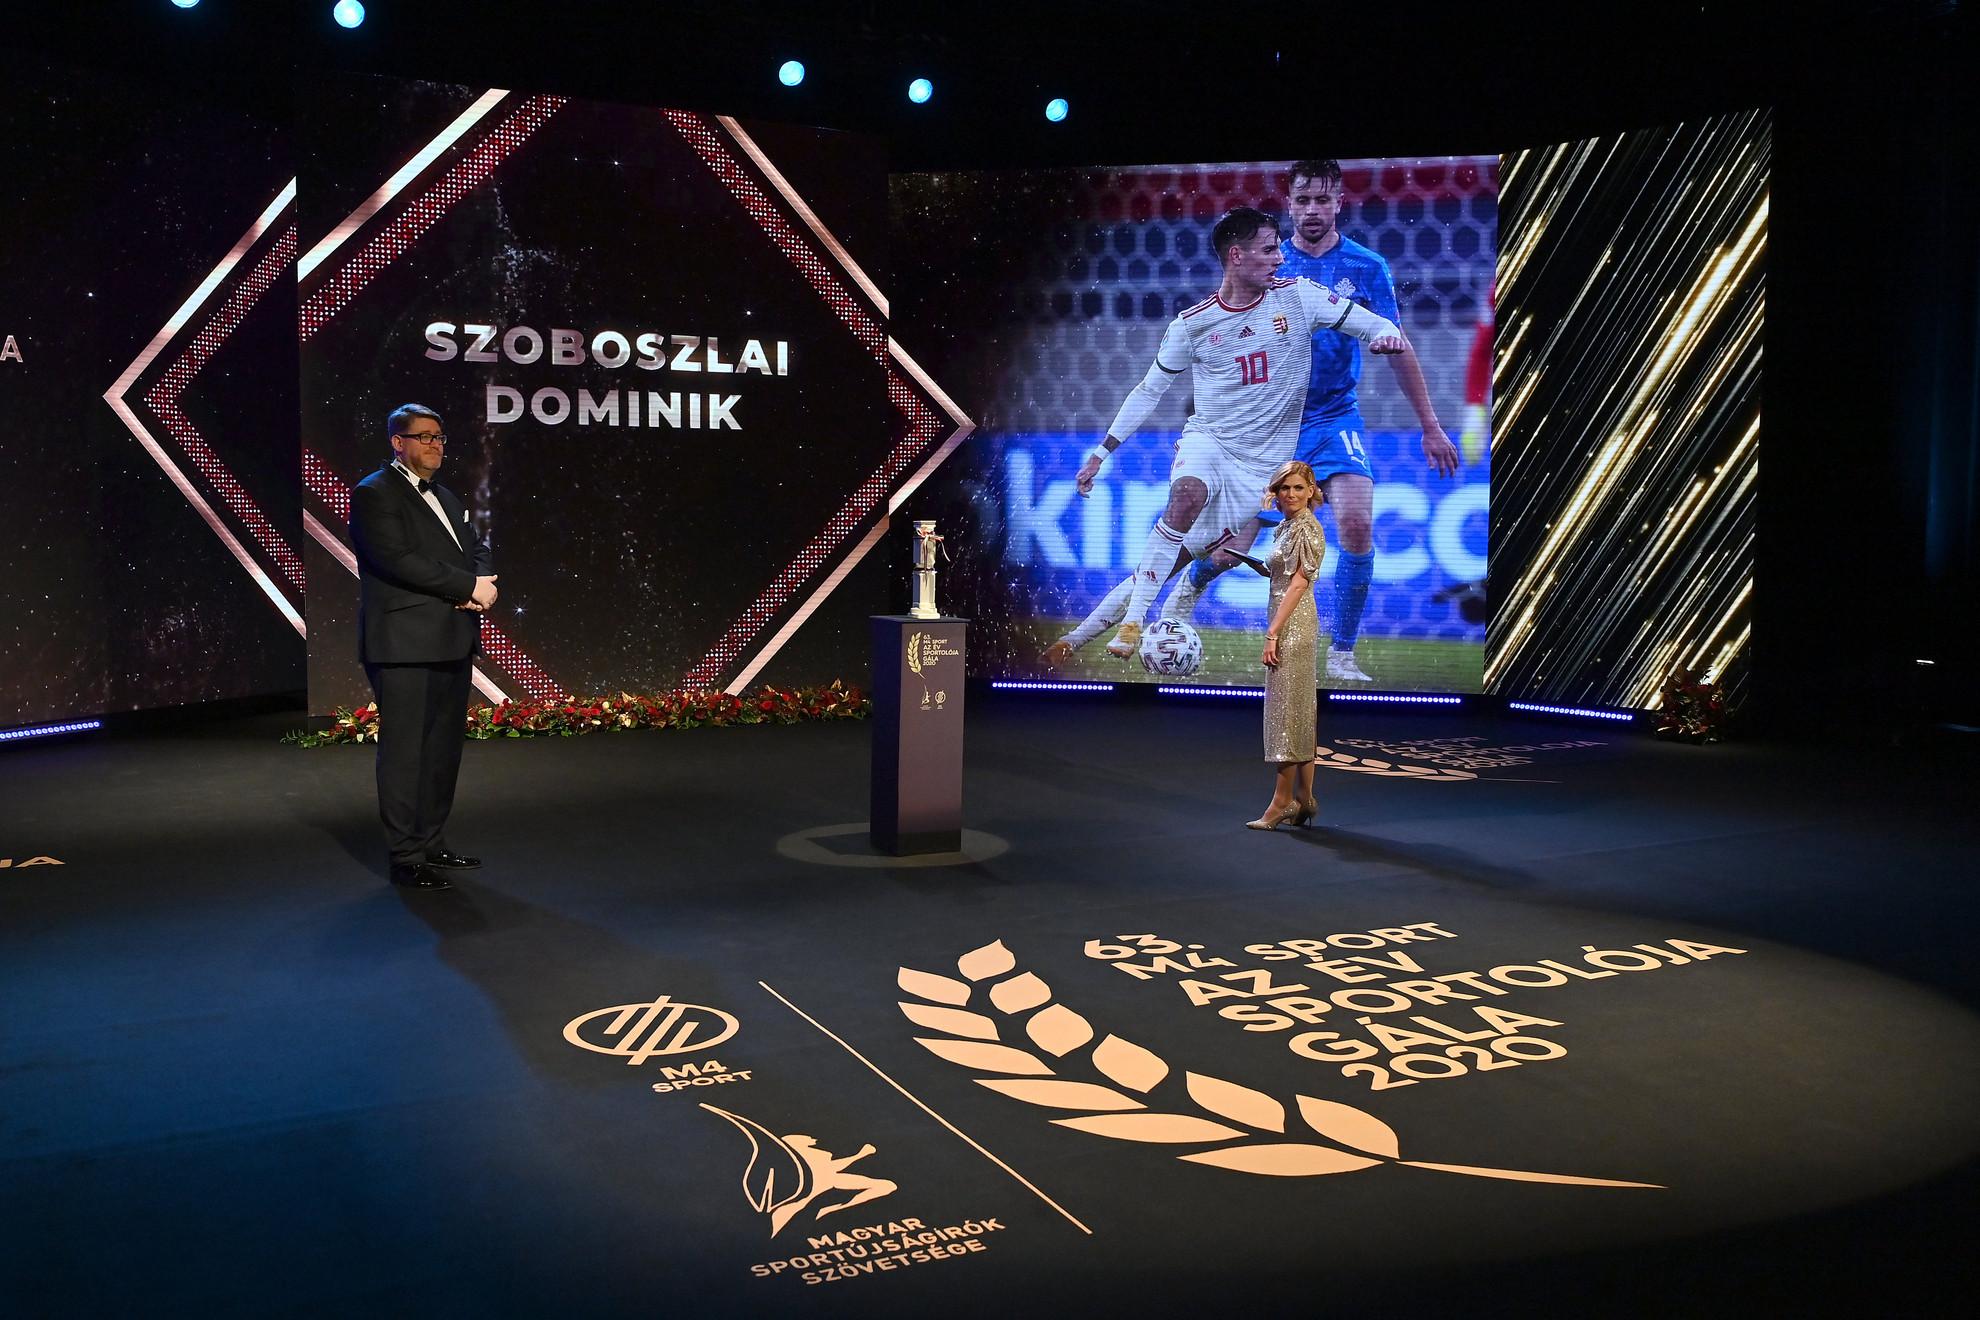 Szoboszlai Dominik válogatott labdarúgónak, az év sportolójának képe a kivetítőn az M4 Sport - Az Év sportolója gála televíziós felvételén a Nemzeti Színházban 2021. január 8-án